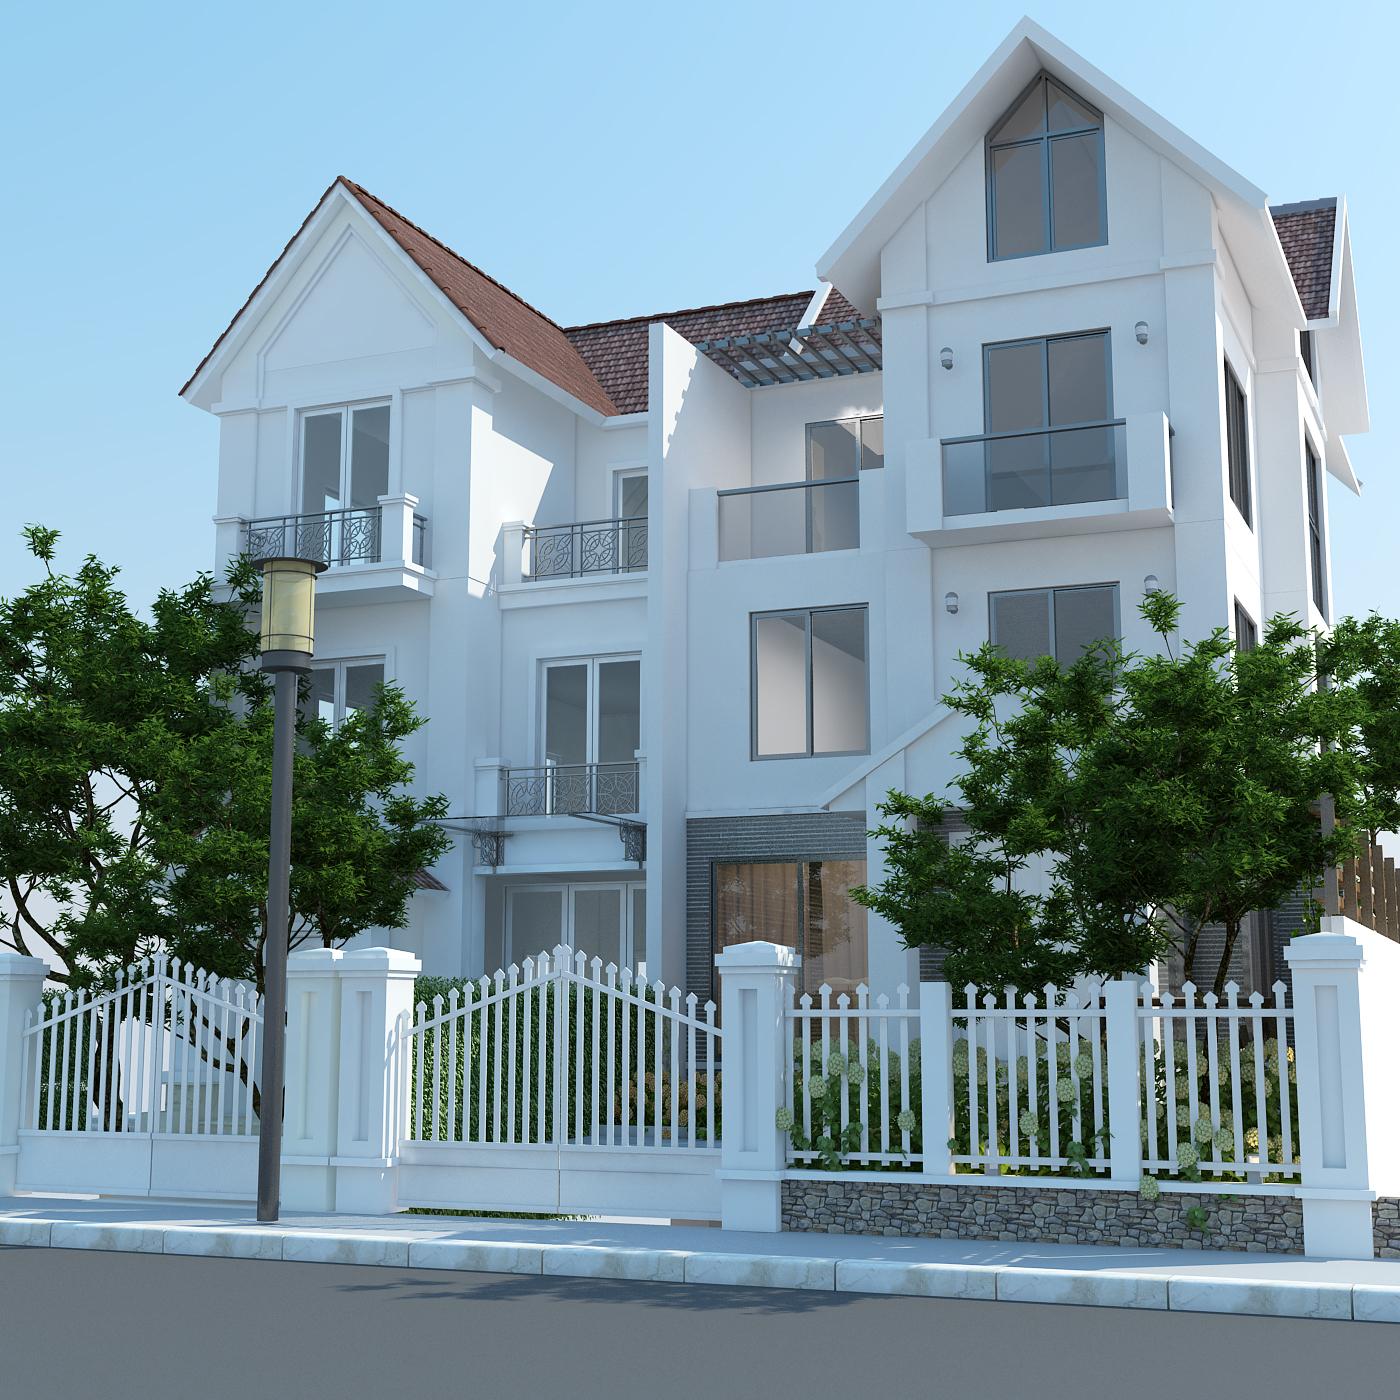 thiết kế nội thất Biệt Thự tại Hà Nội bt Vinhomes - riverside 4 1568085321